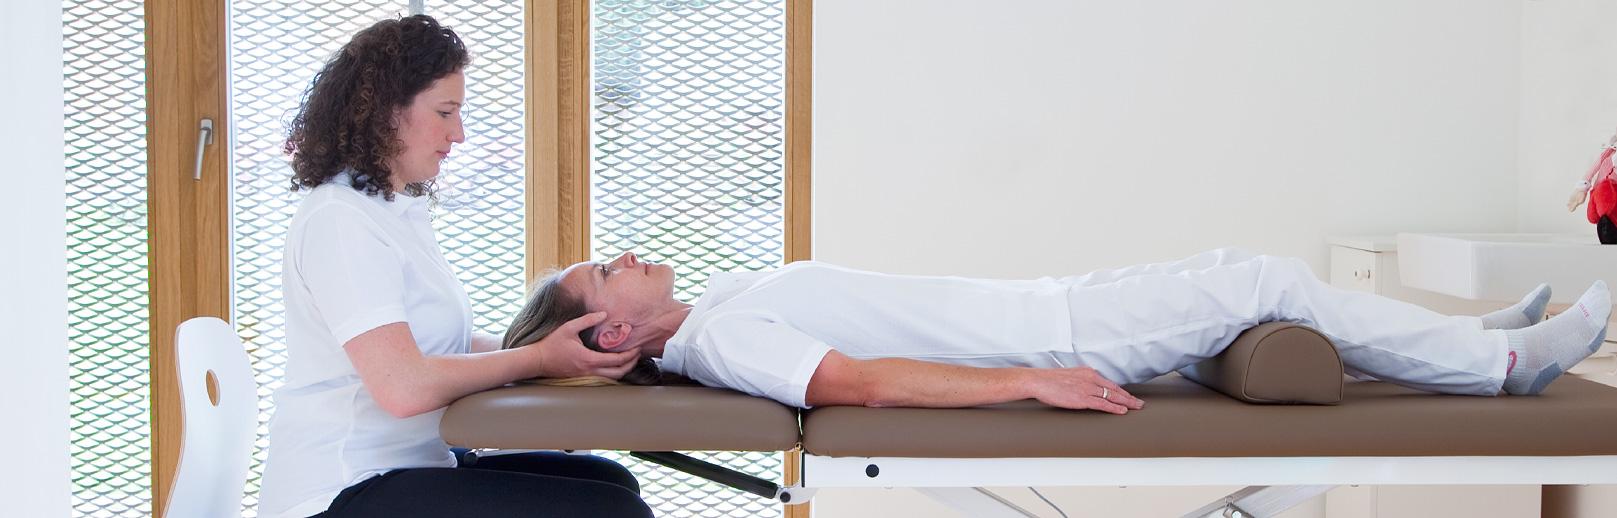 julia fasl physiotherapeutin behandelt